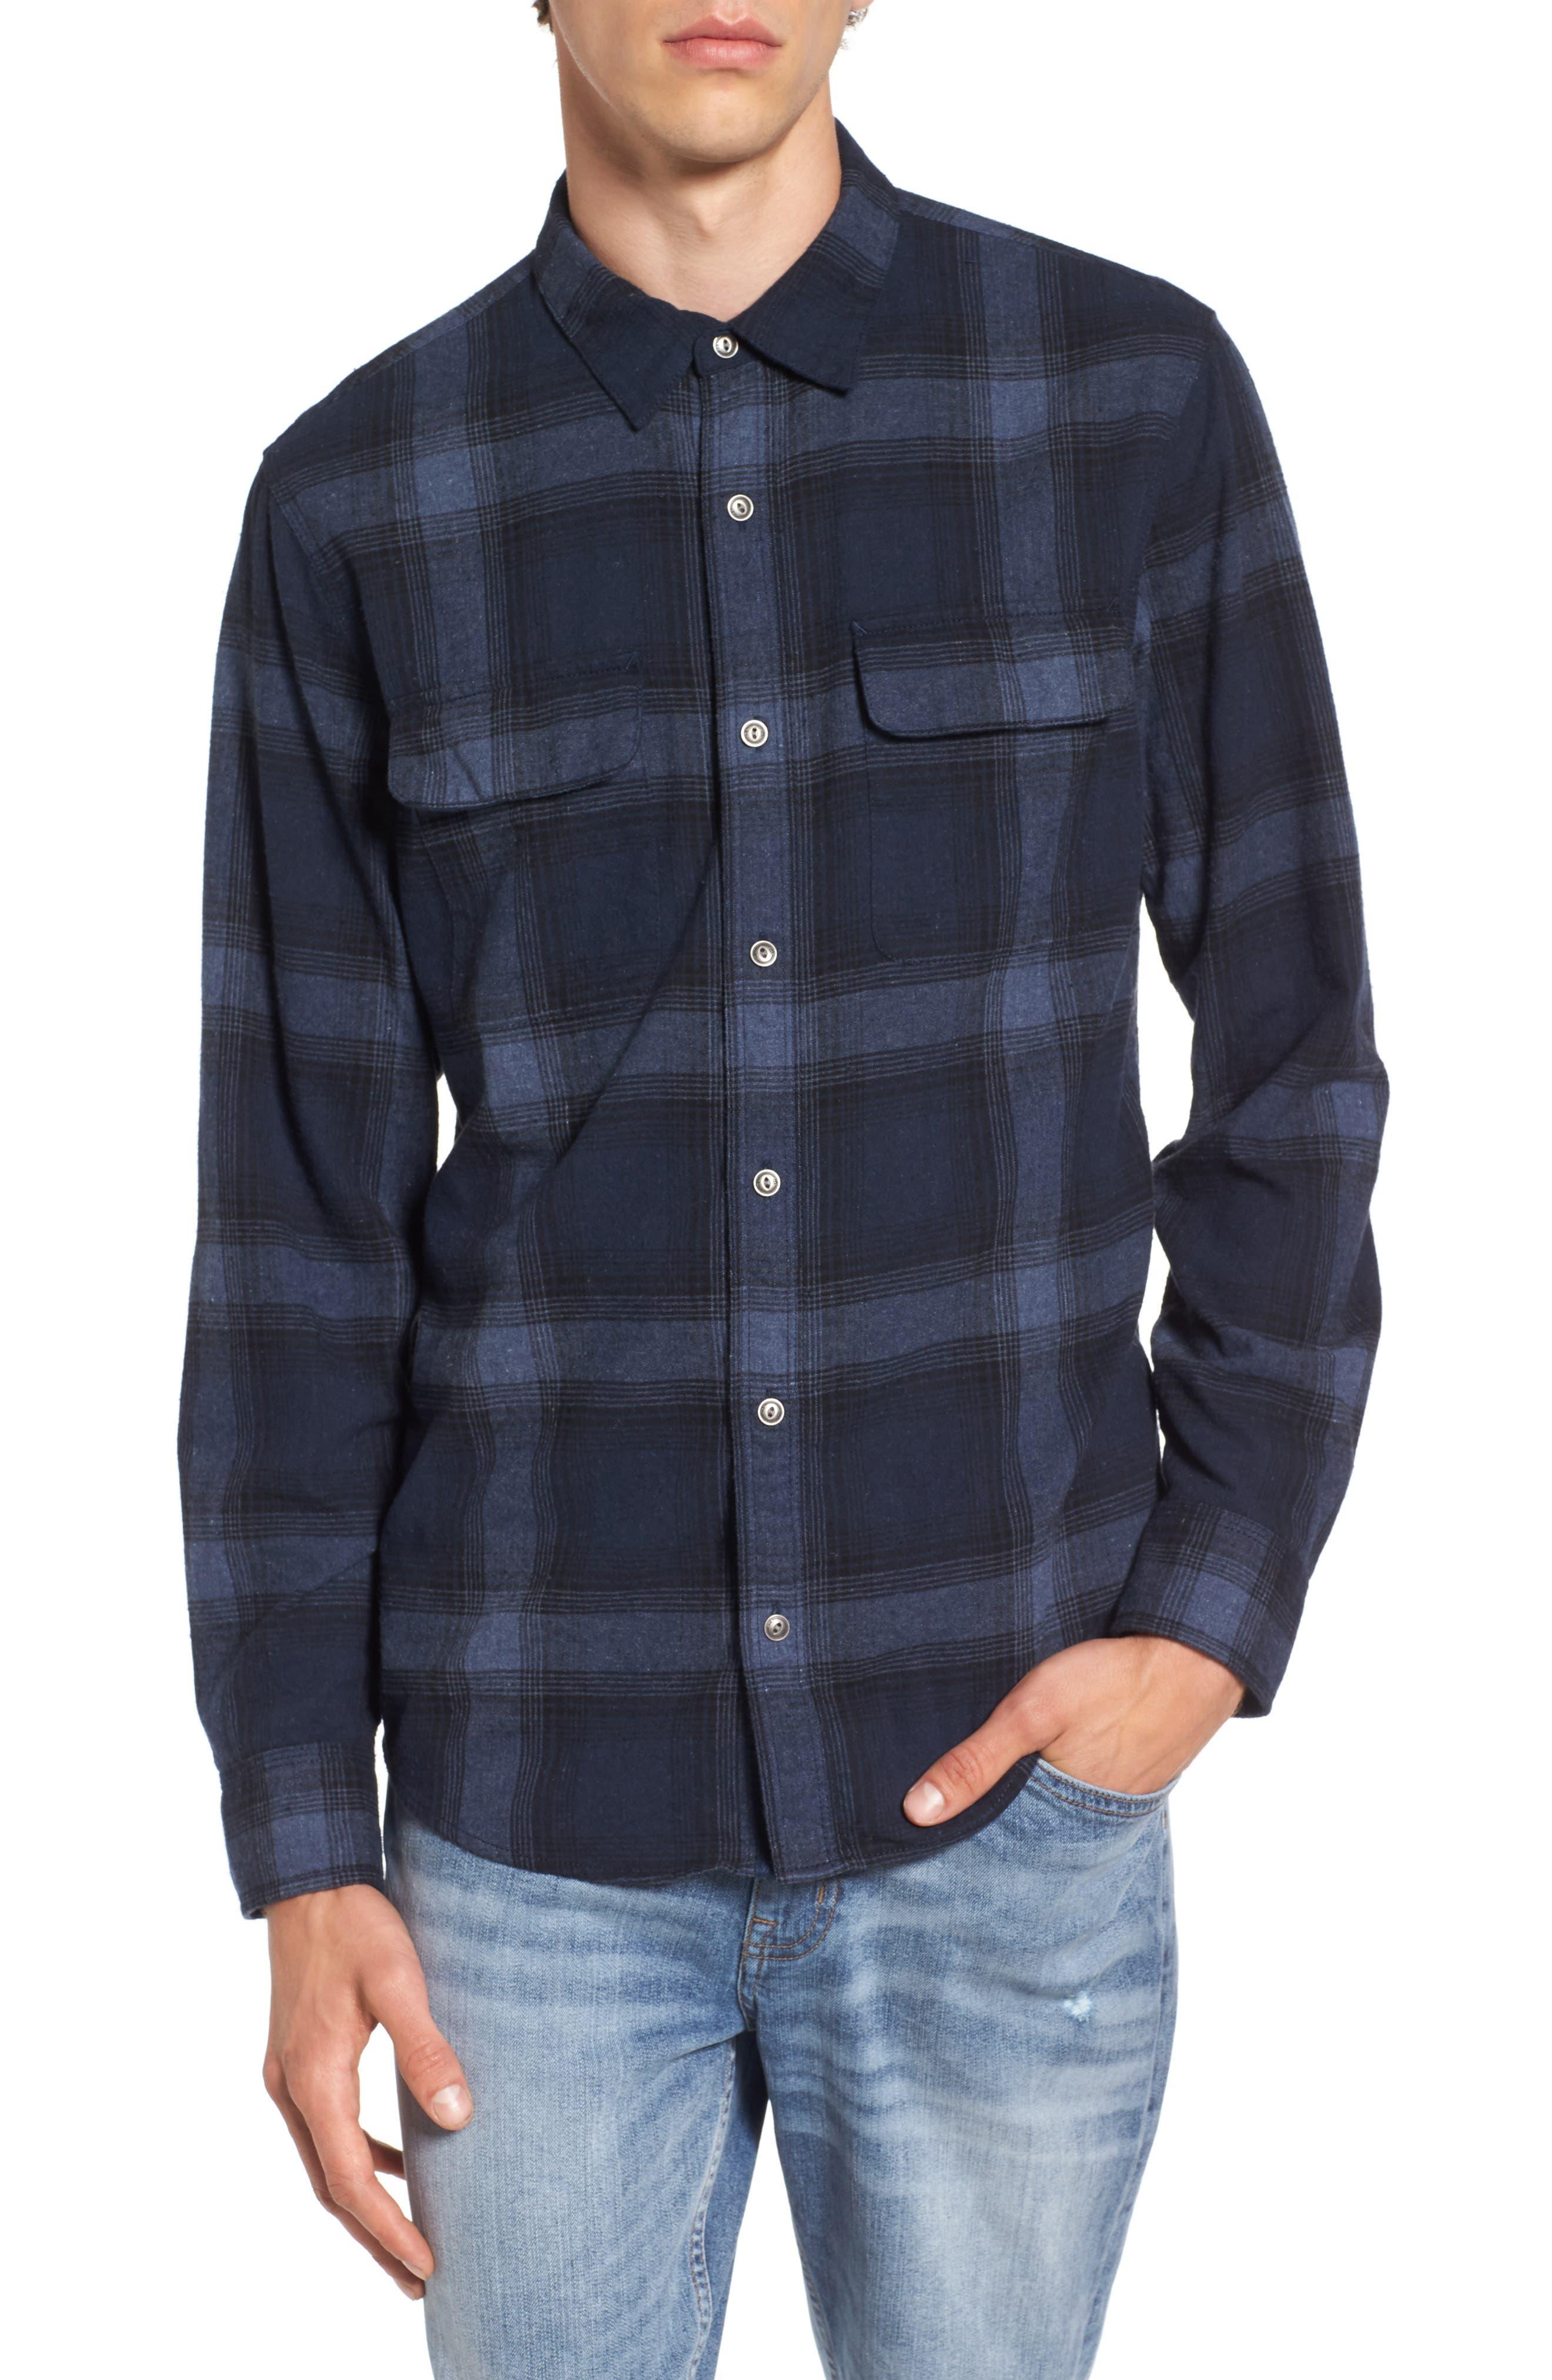 Owen Plaid Flannel Sport Shirt,                         Main,                         color, Navy Peacoat West Plaid